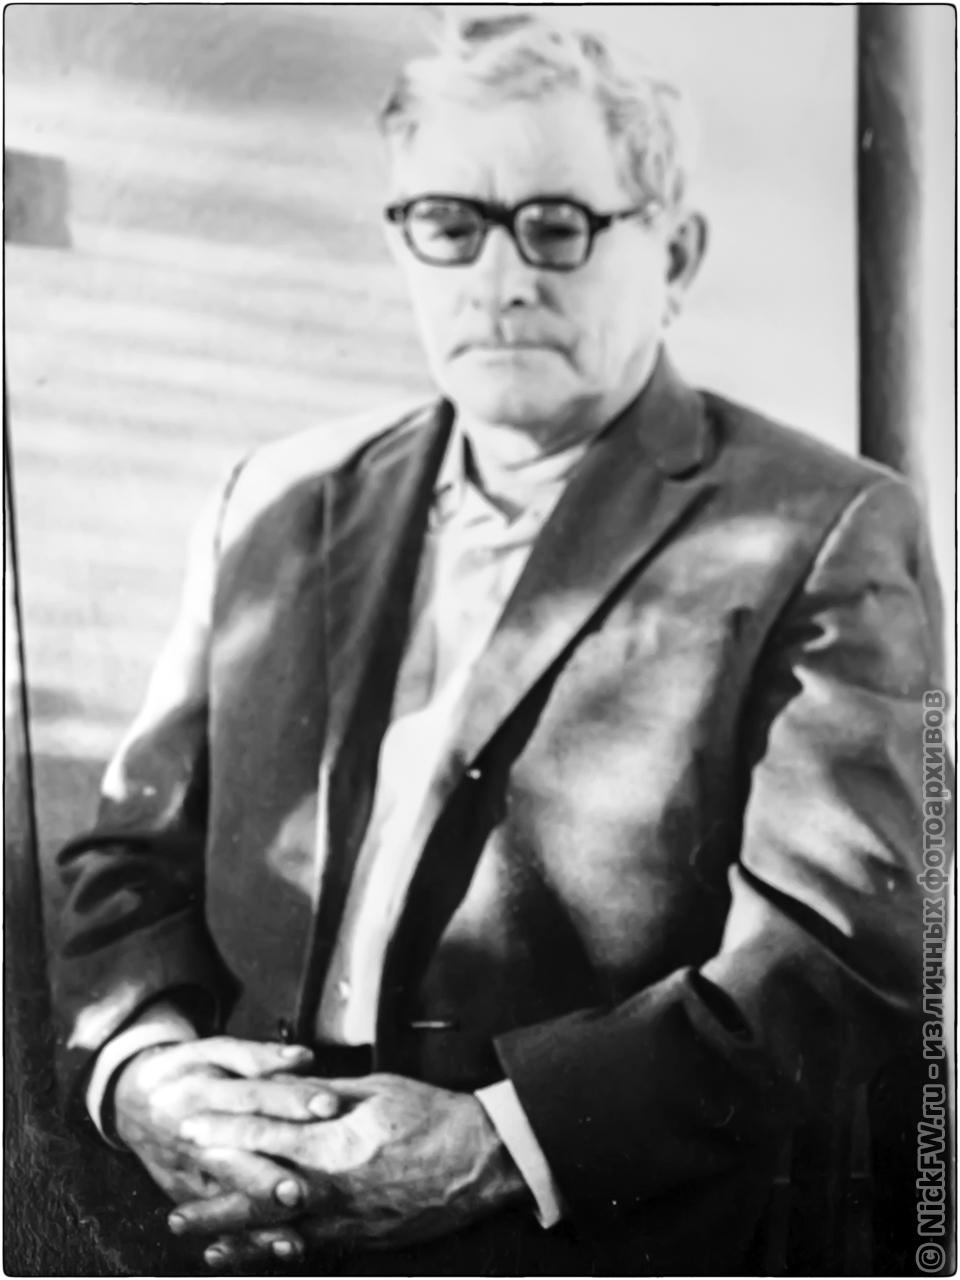 4. Голдаев К.Ф. - фото из личных архивов NickFW.ru